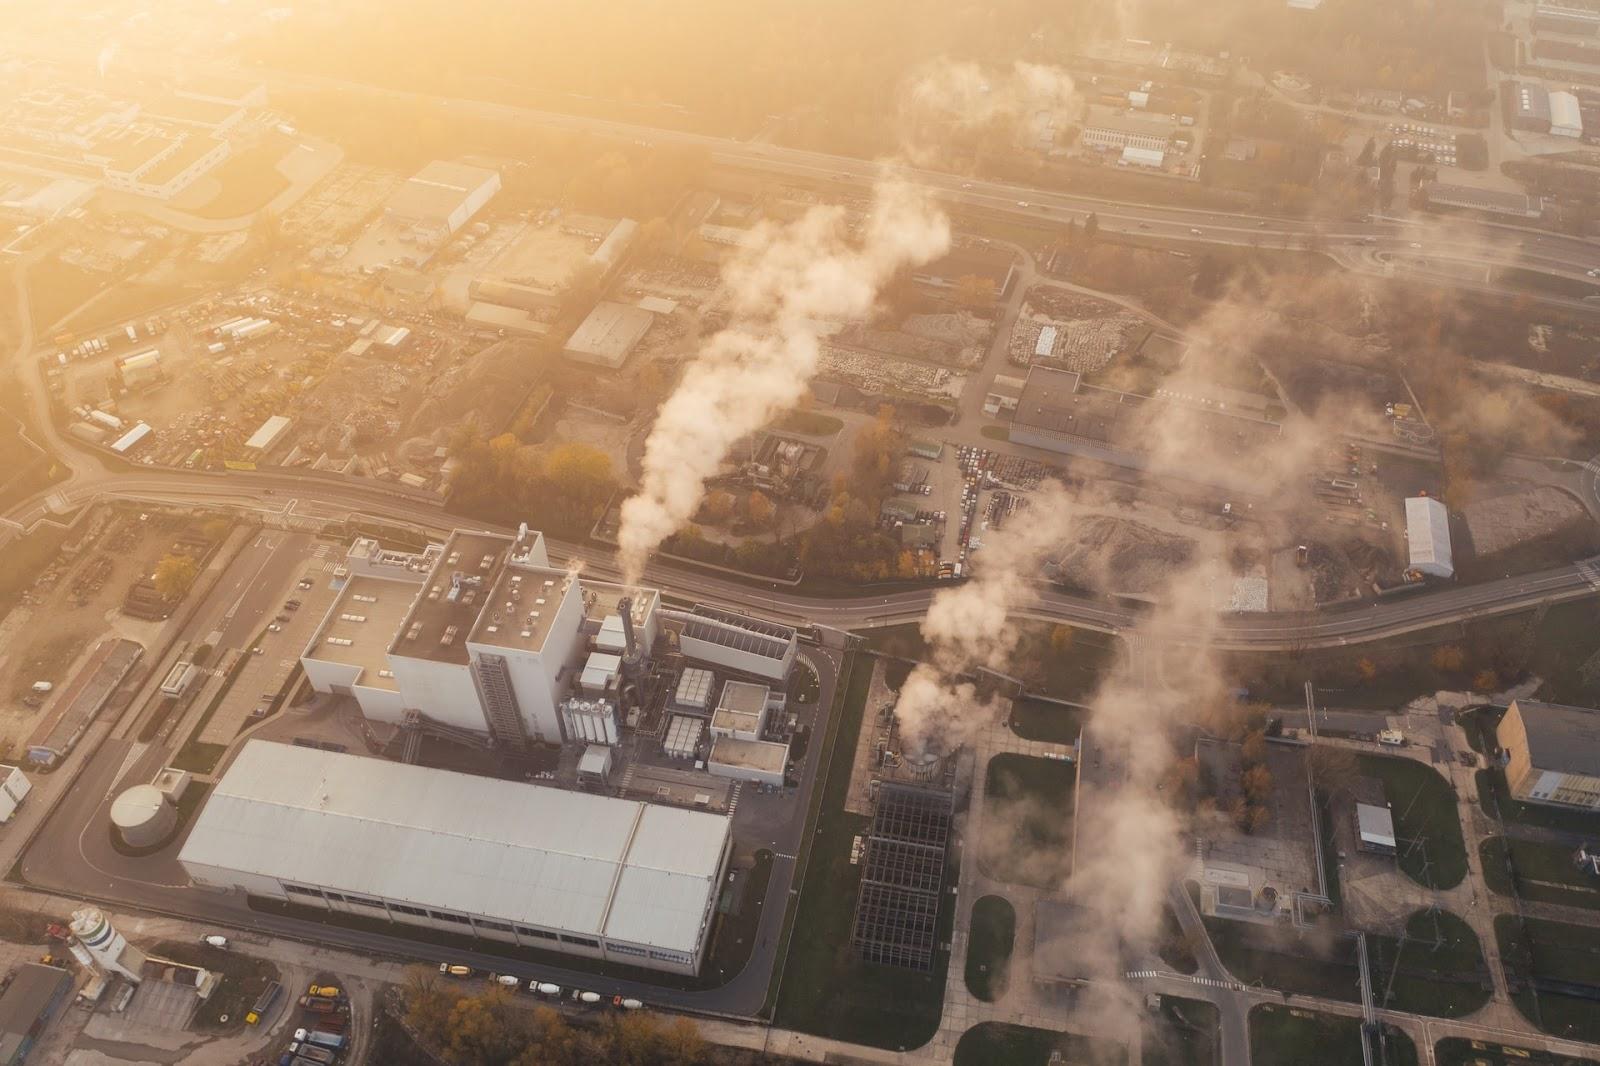 Os Estados Unidos se posicionam como o maior poluidor do planeta. (Unsplash/Reprodução)